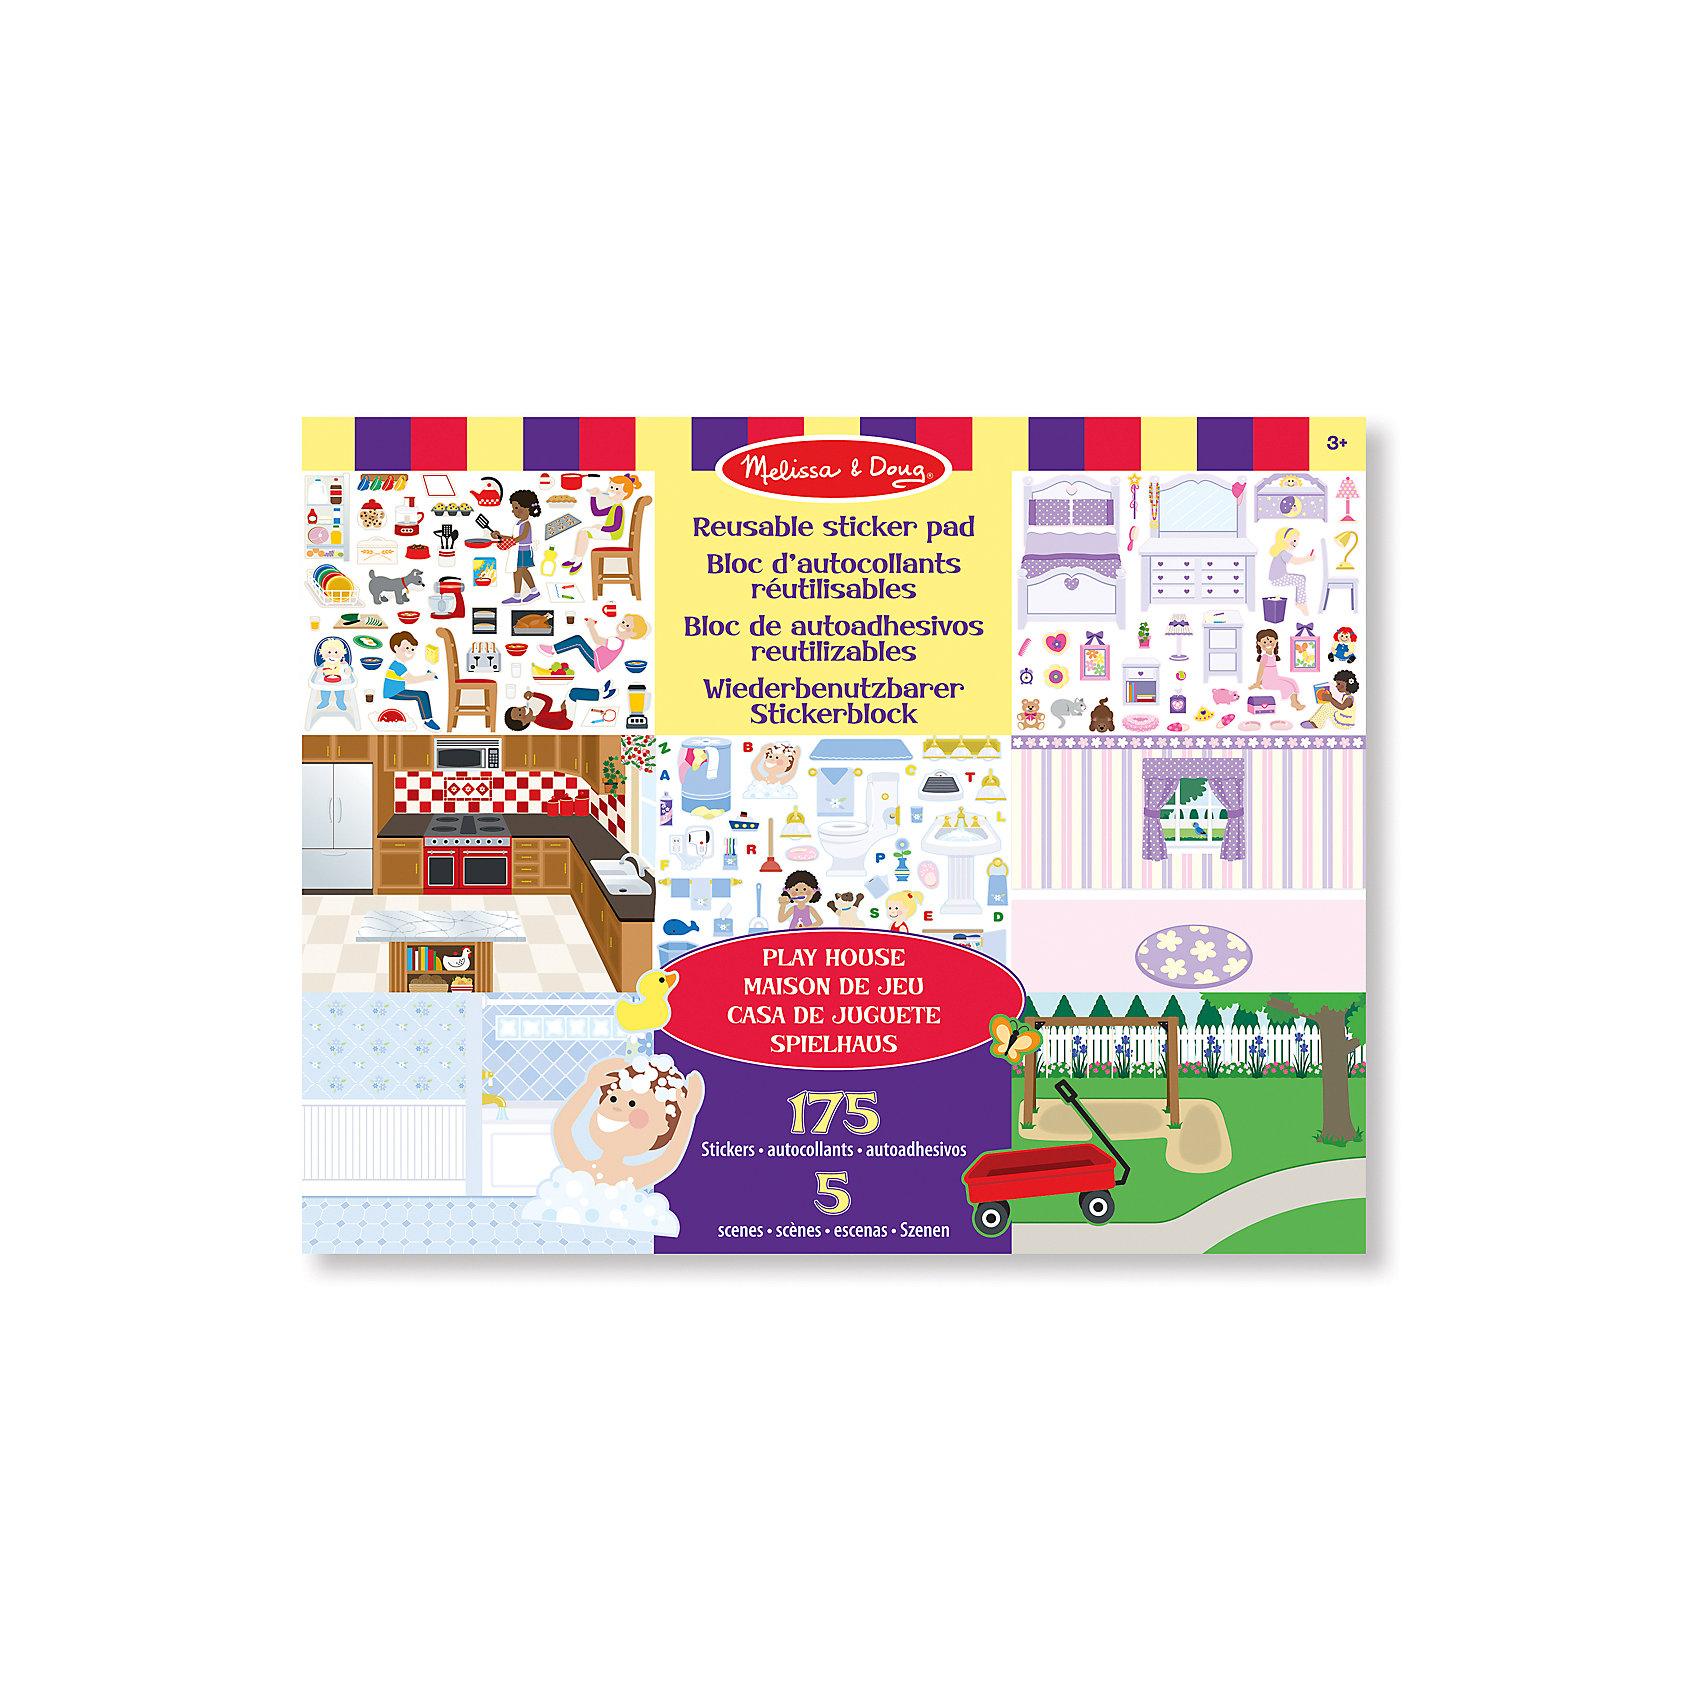 Набор стикеров Домик для игр, Melissa &amp; DougКрасочный Набор стикеров Домик для игр, Melissa &amp; Doug (Мелисса и Даг) придуман специально для увлекательных сюжетно-ролевых игр, он включает в себя 5 фонов различных комнат и более 170 наклеек мебели и предметов интерьера. На их основе ребенок сможет создавать различные интерьеры и придумывать игровые ситуации и жизненные истории.<br><br>Творческие наборы для детей из натуральных материалов от компании «Мелисса и Даг» стимулируют раннее развитие ребенка, направлены на расширение кругозора и любознательности, тренировку мелкой моторики и интеллектуальное развитие в процессе игры и создания оригинальных украшений и аксессуаров.<br><br>Комплектация: более 170 стикеров, 5 фонов интерьеров<br><br>Дополнительная информация:<br>-Материал: бумага, картон<br>-Размер упаковки: 28х35,5х0,5 см<br>-Вес: 400 г<br><br>Набор «Домик для игр» открывает простор фантазии ребенка, позволяя и девочке, и мальчику почувствовать себя юным дизайнером интерьера. <br><br>Набор стикеров Домик для игр, Melissa &amp; Doug (Мелисса и Даг) можно купить в нашем магазине.<br><br>Ширина мм: 360<br>Глубина мм: 360<br>Высота мм: 280<br>Вес г: 390<br>Возраст от месяцев: 36<br>Возраст до месяцев: 180<br>Пол: Унисекс<br>Возраст: Детский<br>SKU: 4008276